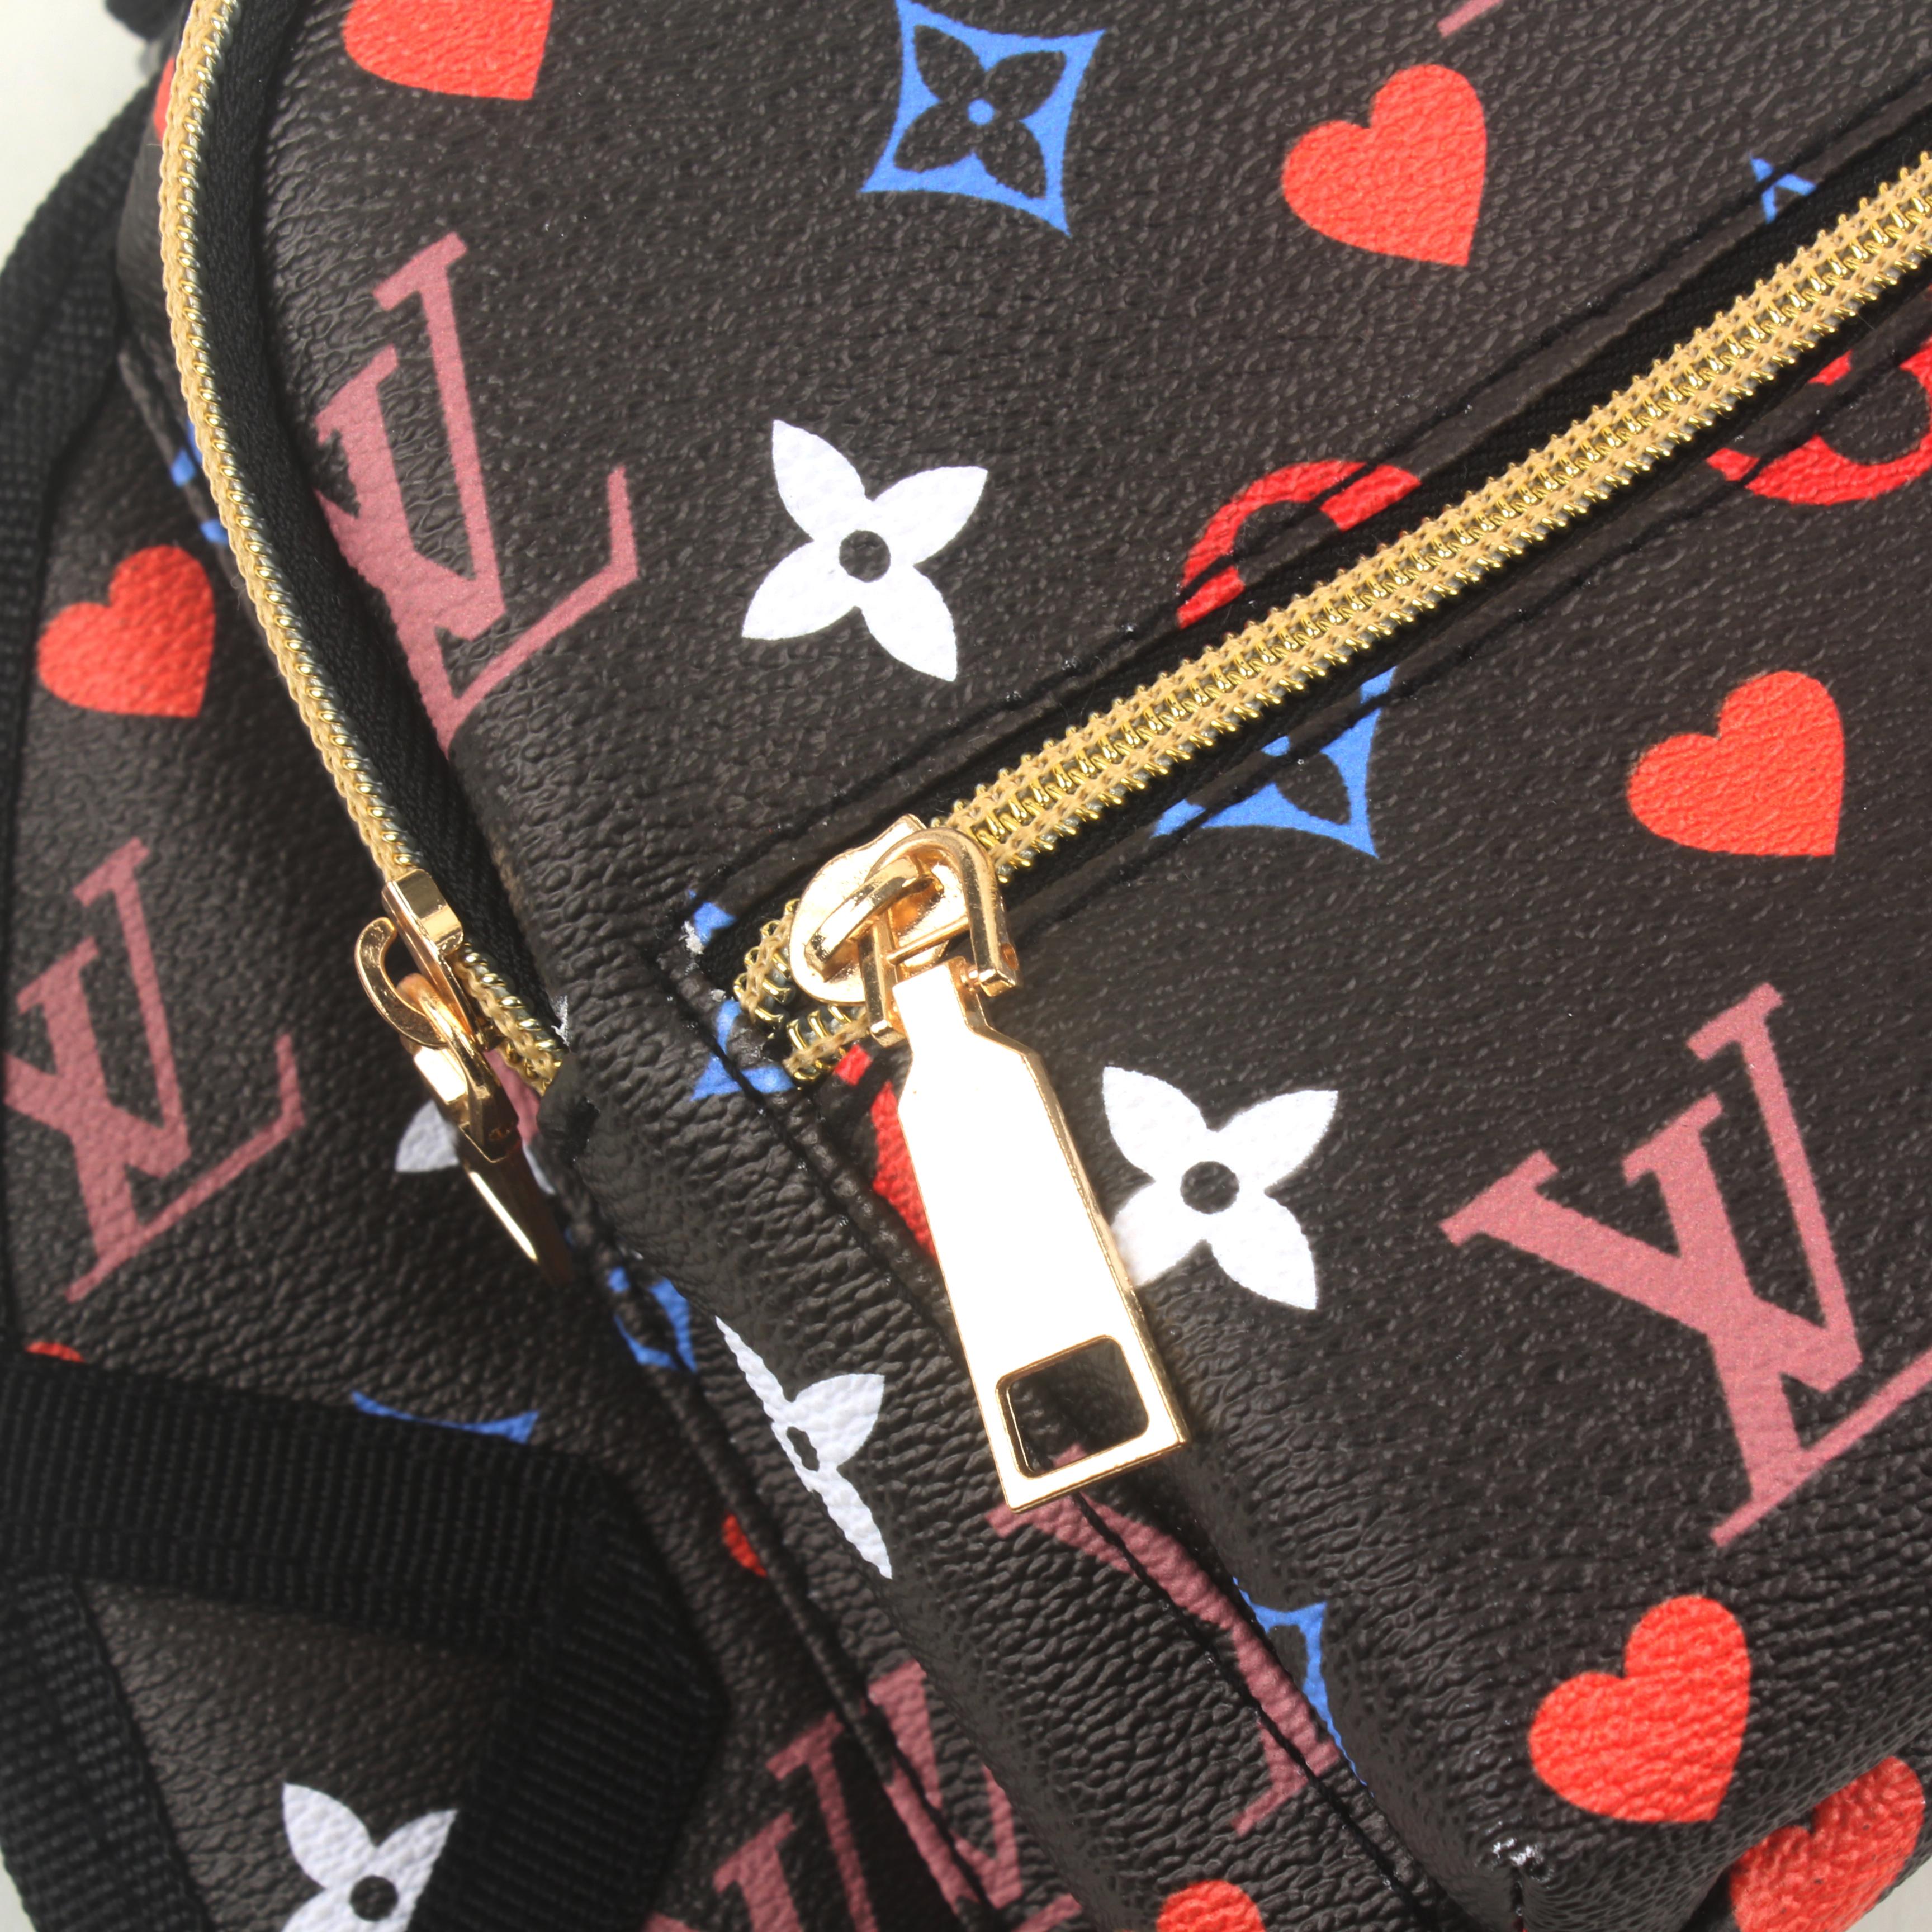 lv dog backpack harness